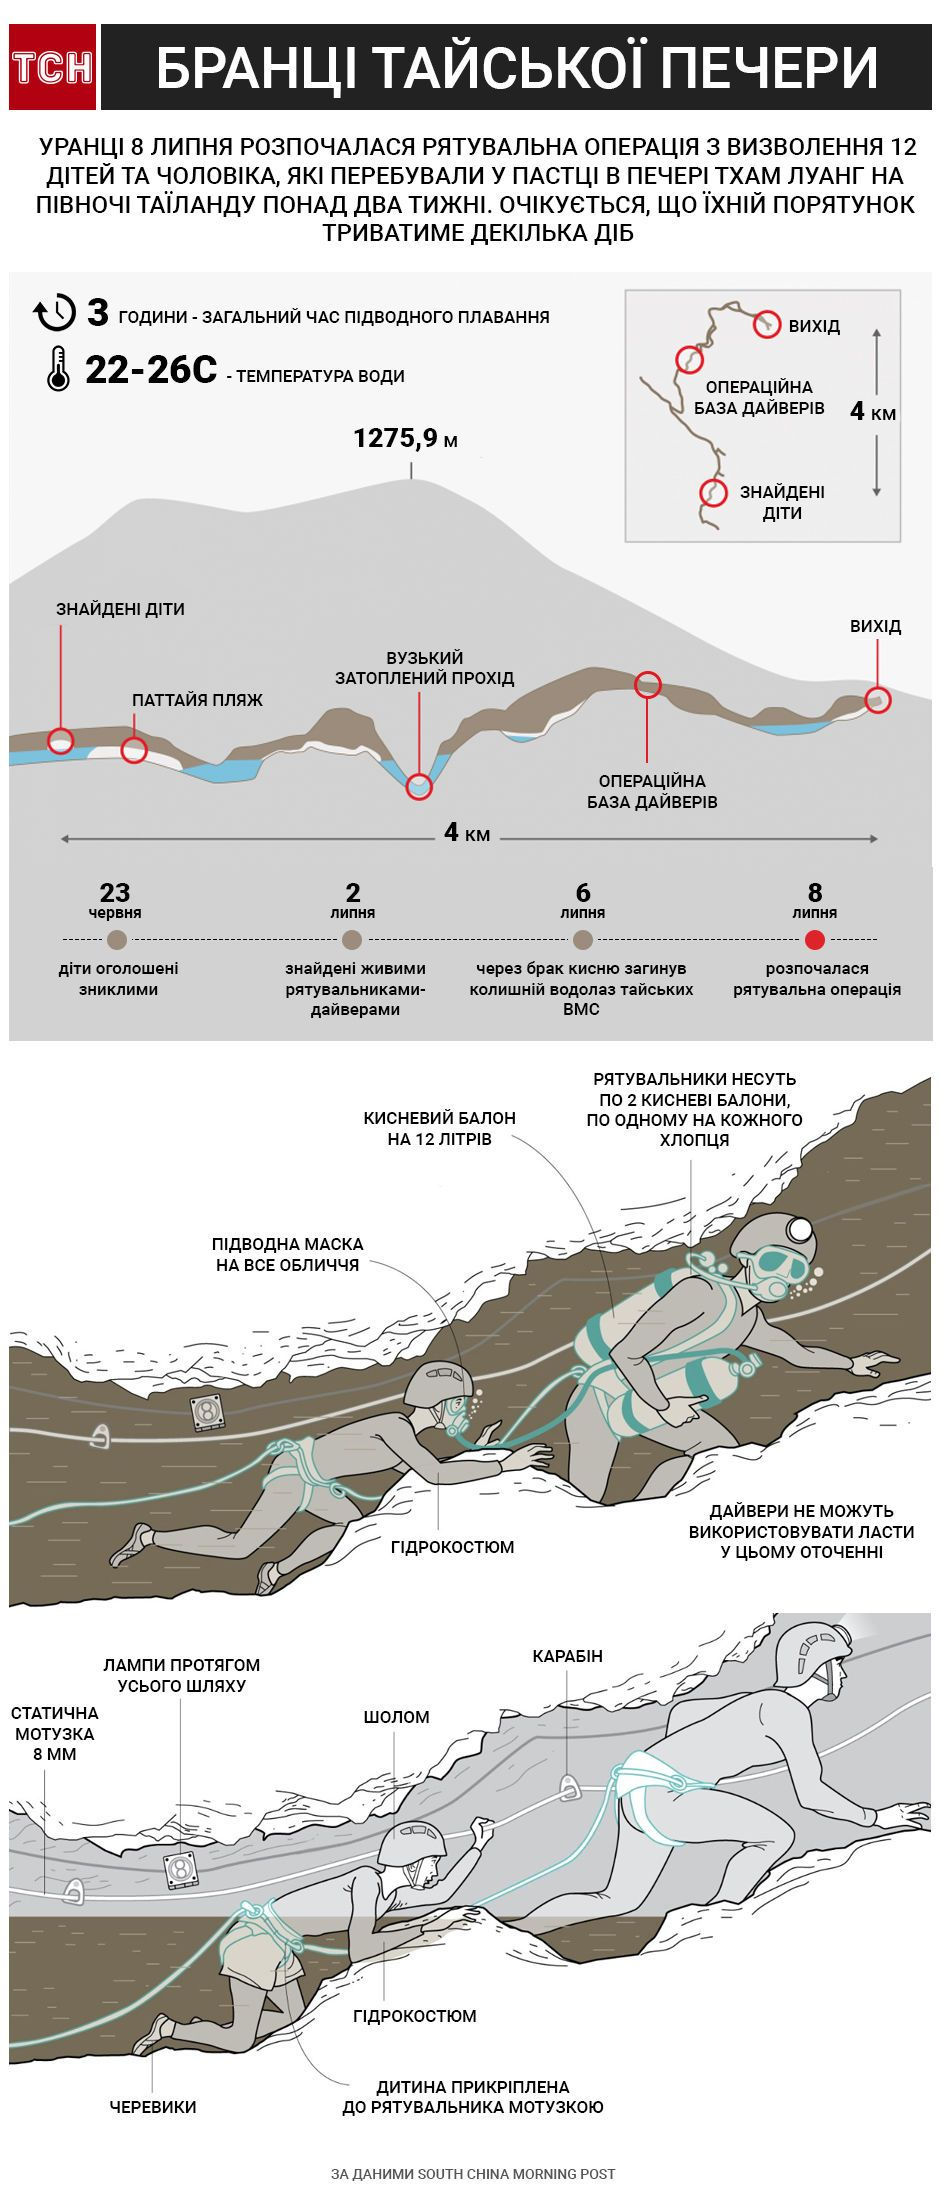 печера, Таїланд, застрягли діти, інфографіка